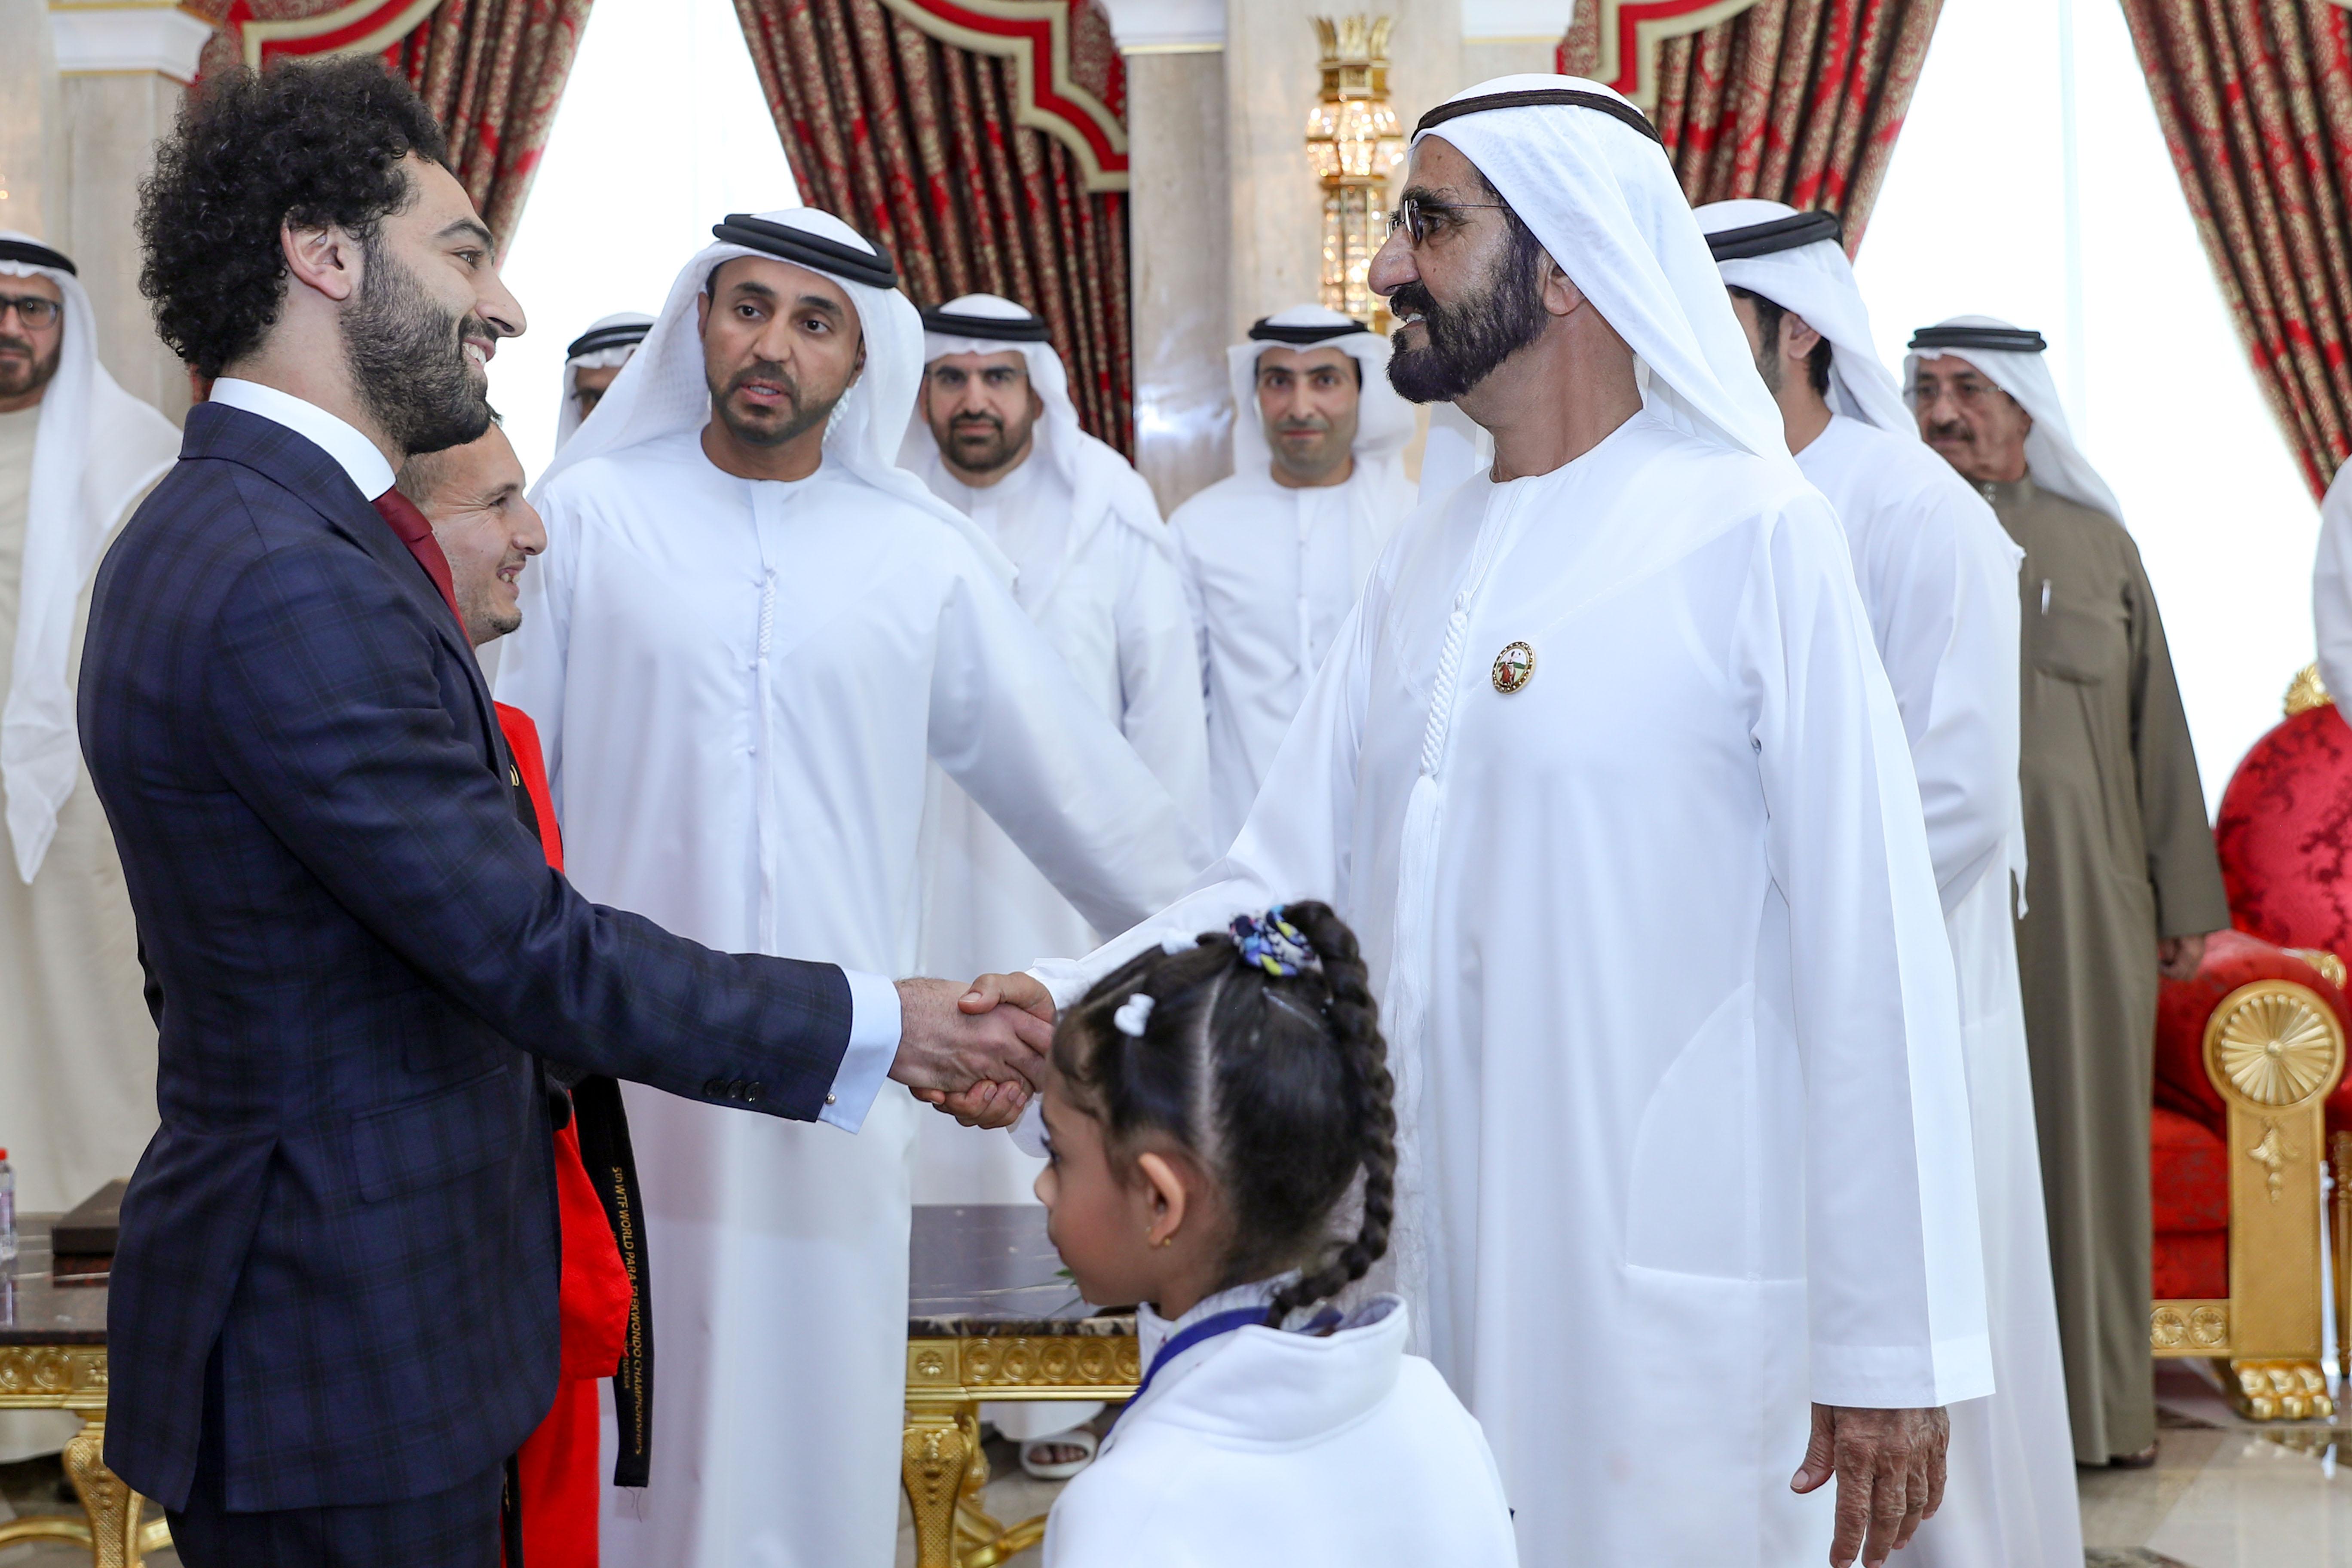 Emirates News Agency Vp Receives Winners Of Mohammed Bin Rashid Al Maktoum Award For Sports Innovation